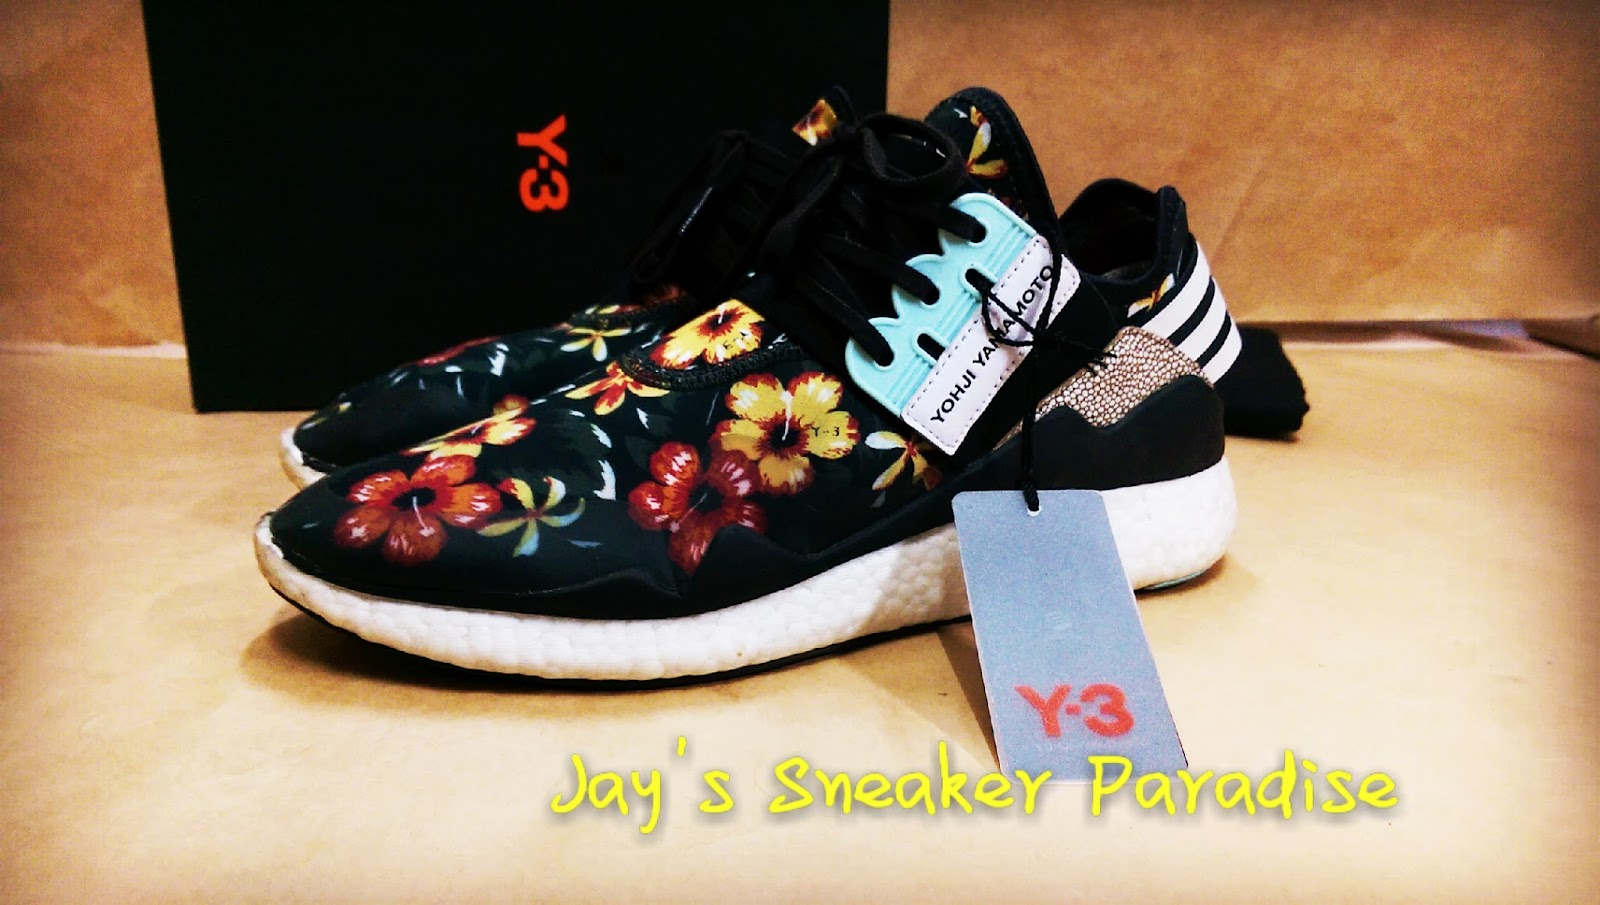 9bd1726f452a4 Jay s Sneaker pardise